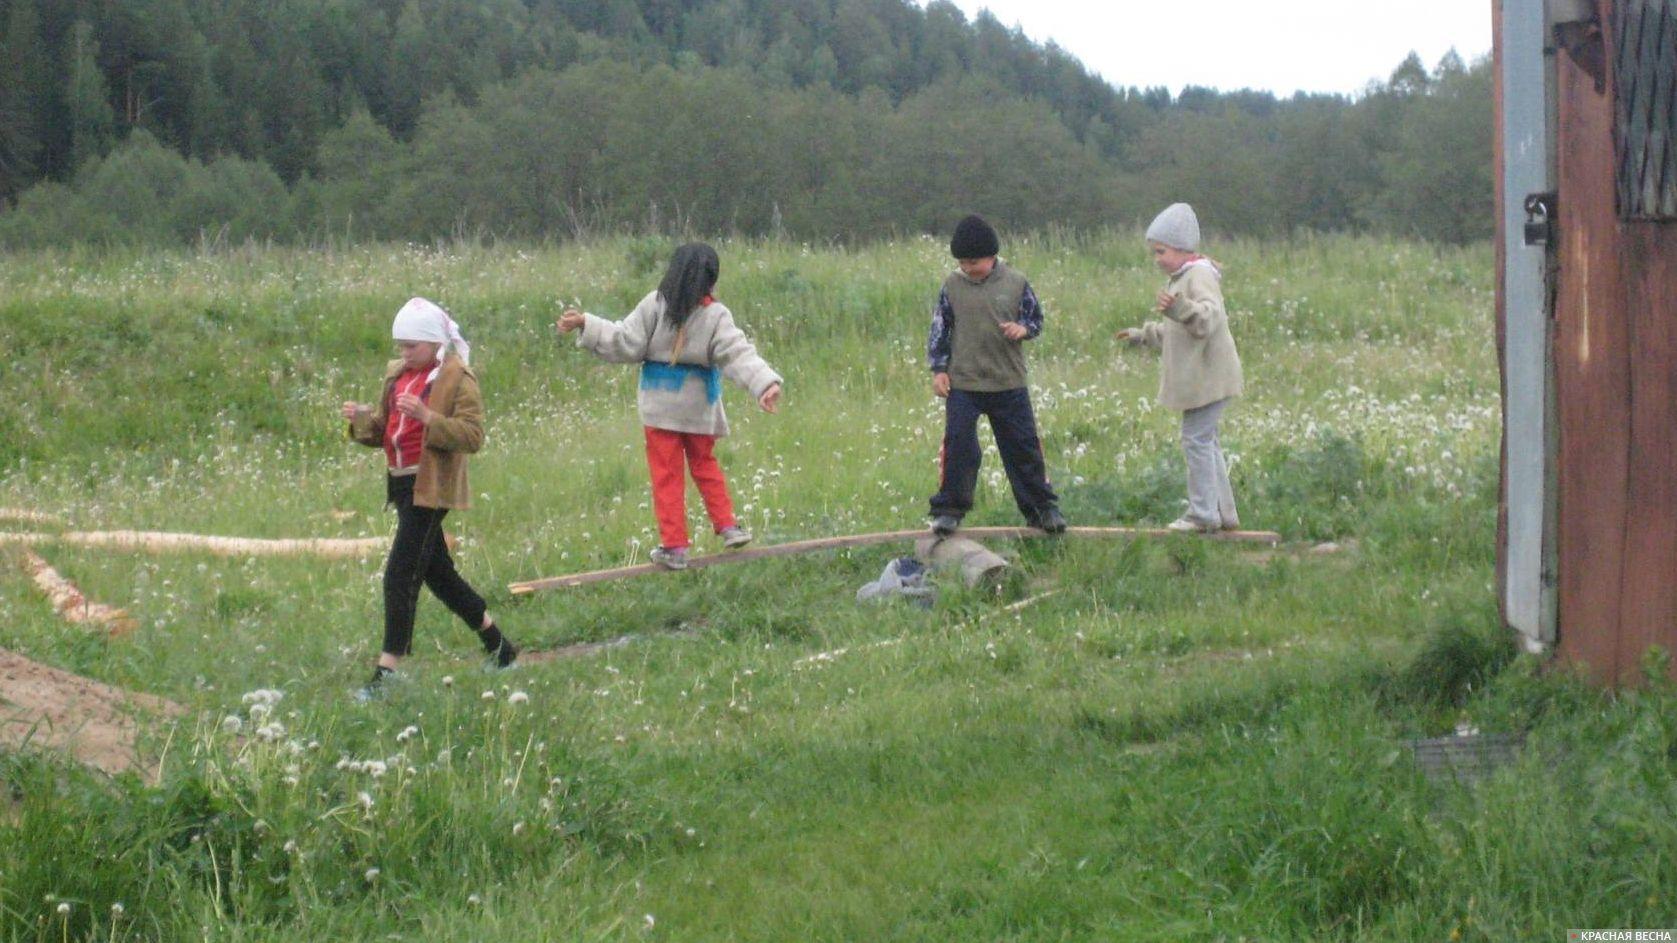 Дети в деревне Ольга Перегуд © ИА Красная Весна